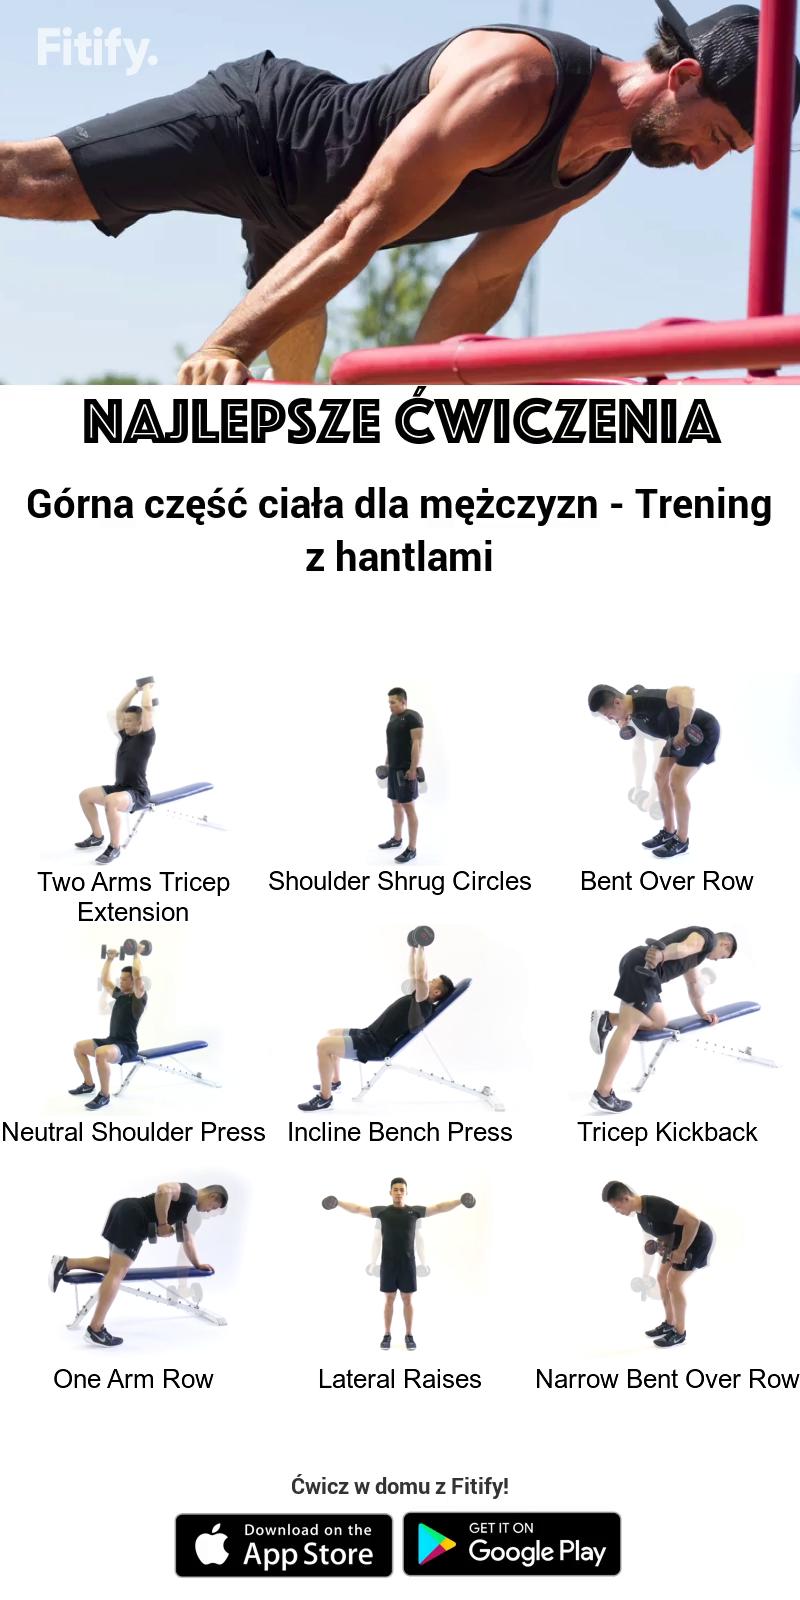 Najlepsze Ćwiczenia Górna część ciała dla mężczyzn